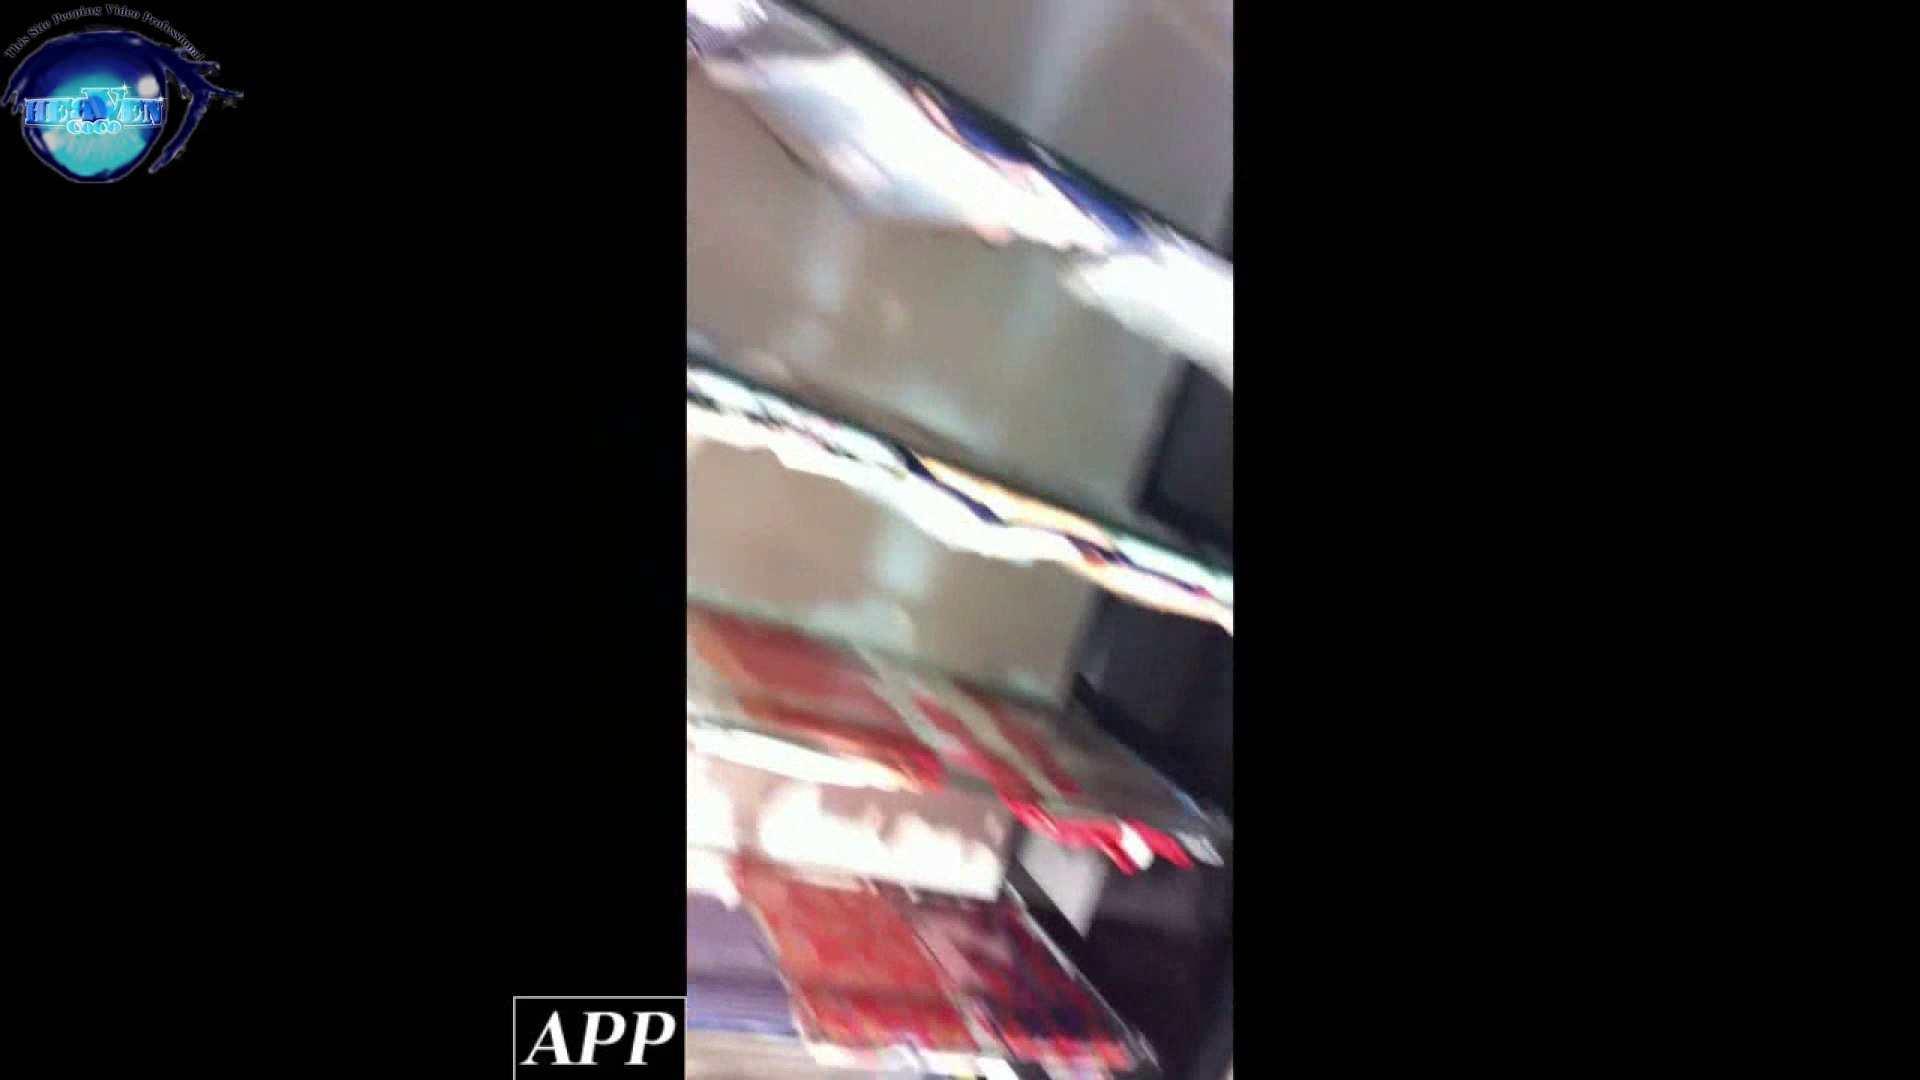 ハイビジョン盗撮!ショップ店員千人斬り!胸チラ編 vol.61 OLセックス 盗撮AV動画キャプチャ 73画像 62